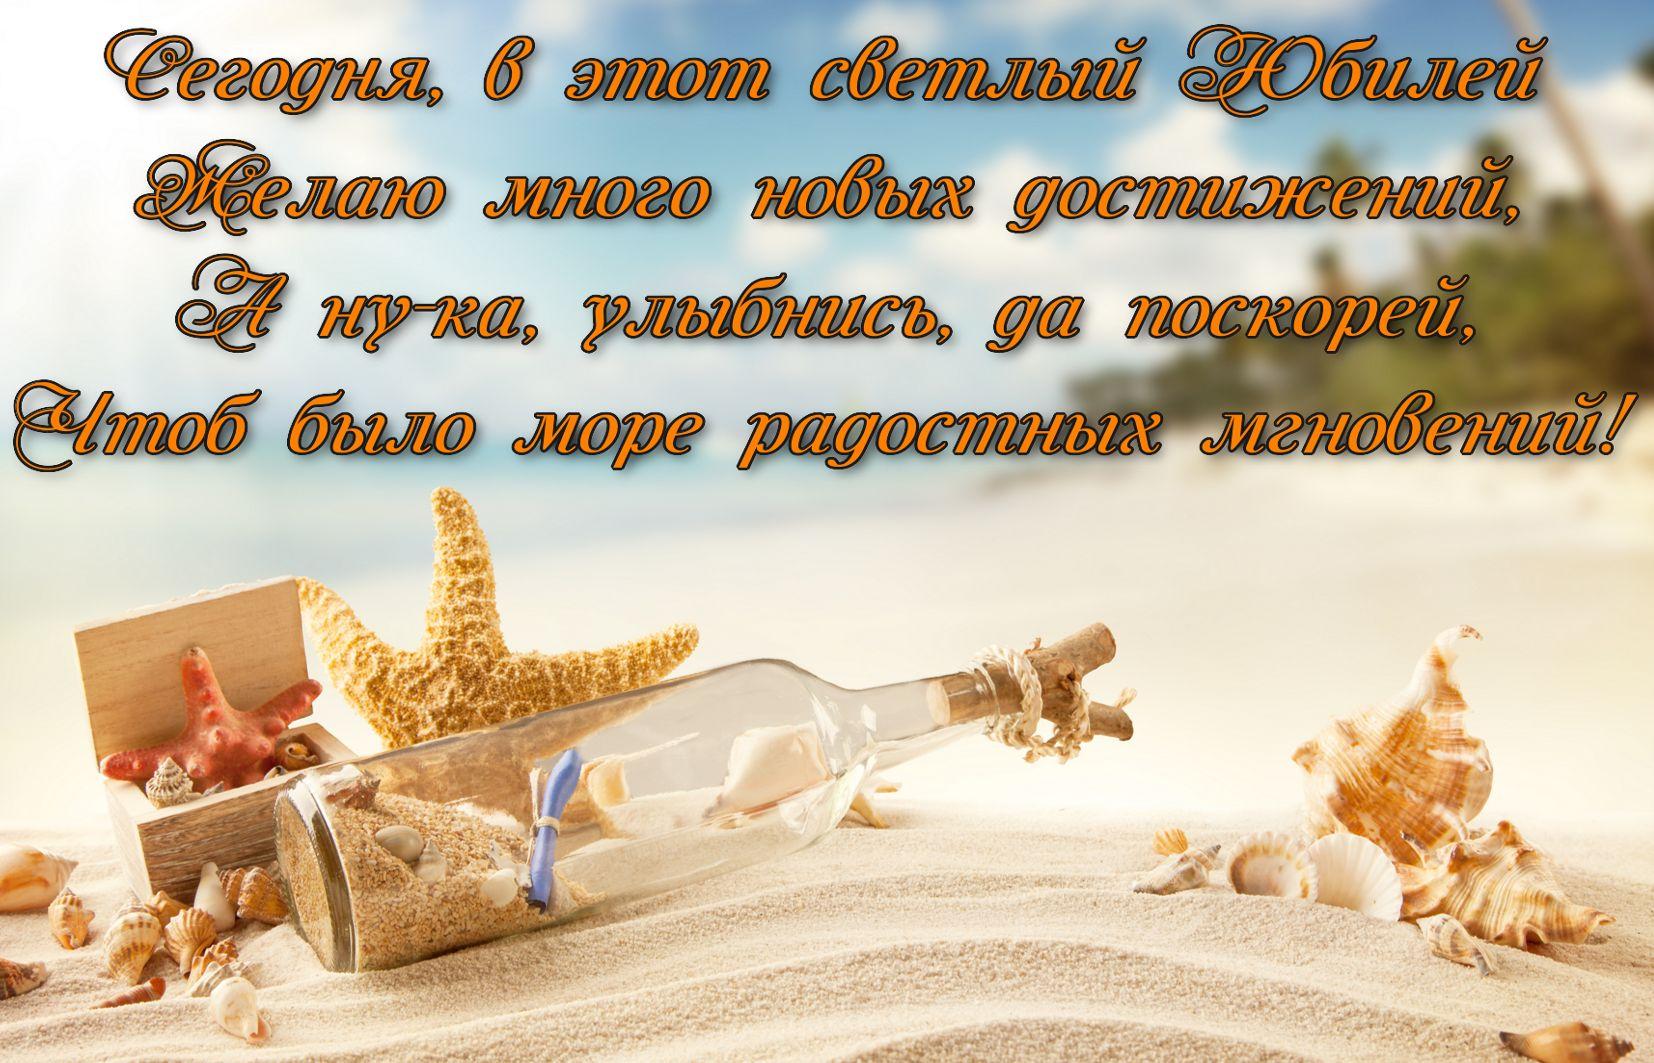 Открытка на юбилей - ракушки и морские звезды на песке